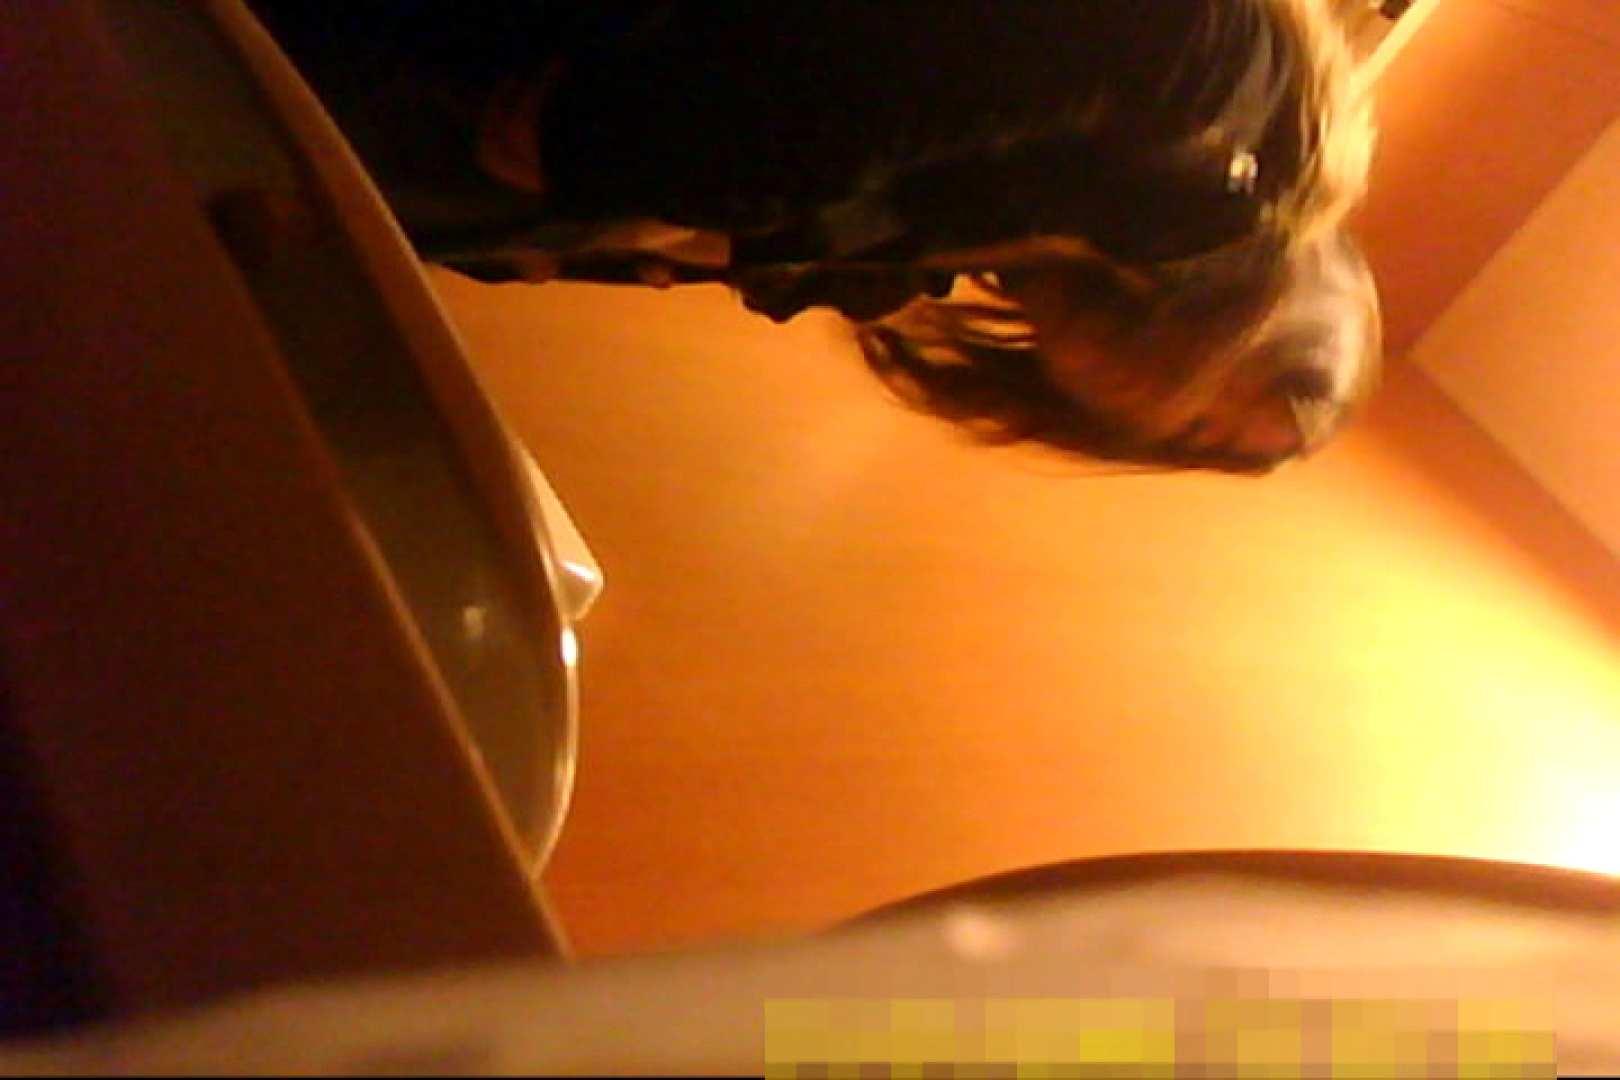 魅惑の化粧室~禁断のプライベート空間~vol.7 エッチなOL  53pic 3